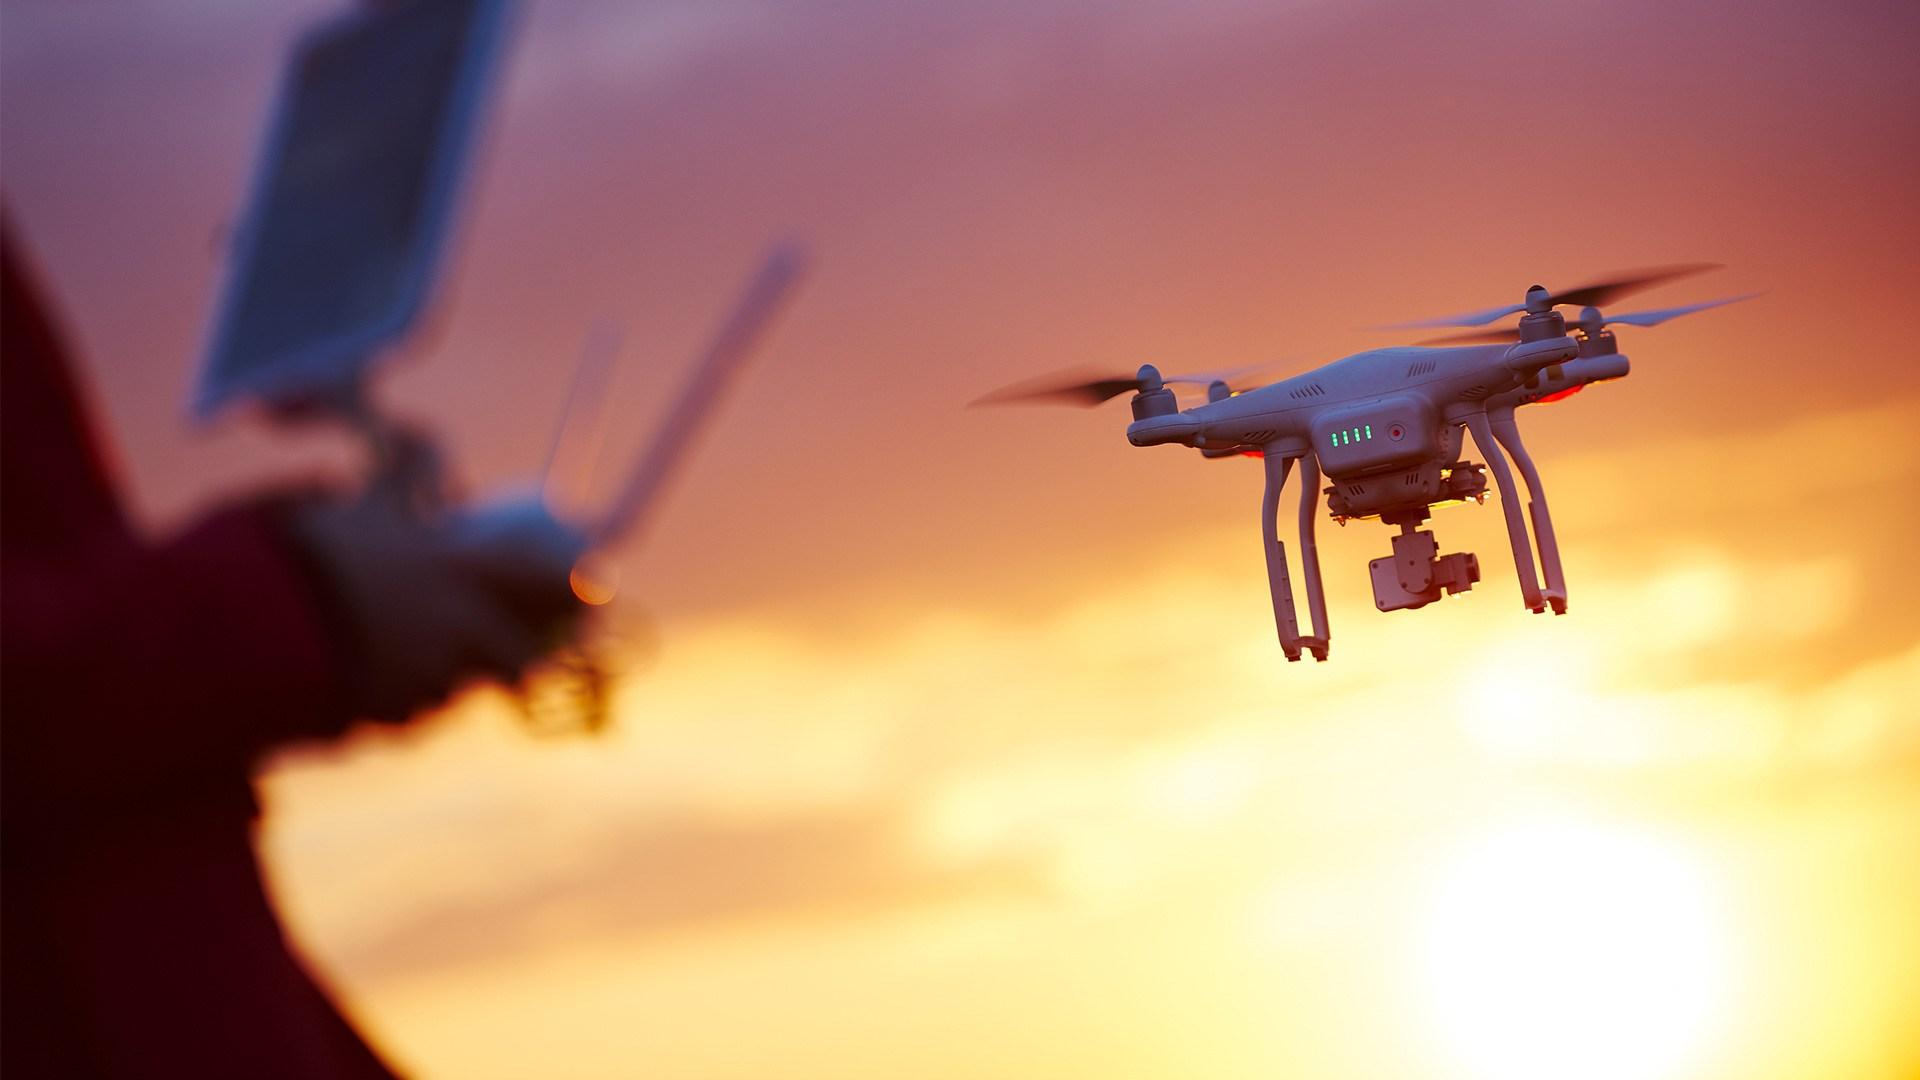 https://cedd.pl/wp-content/uploads/2019/03/image-for-drone-blog.jpg